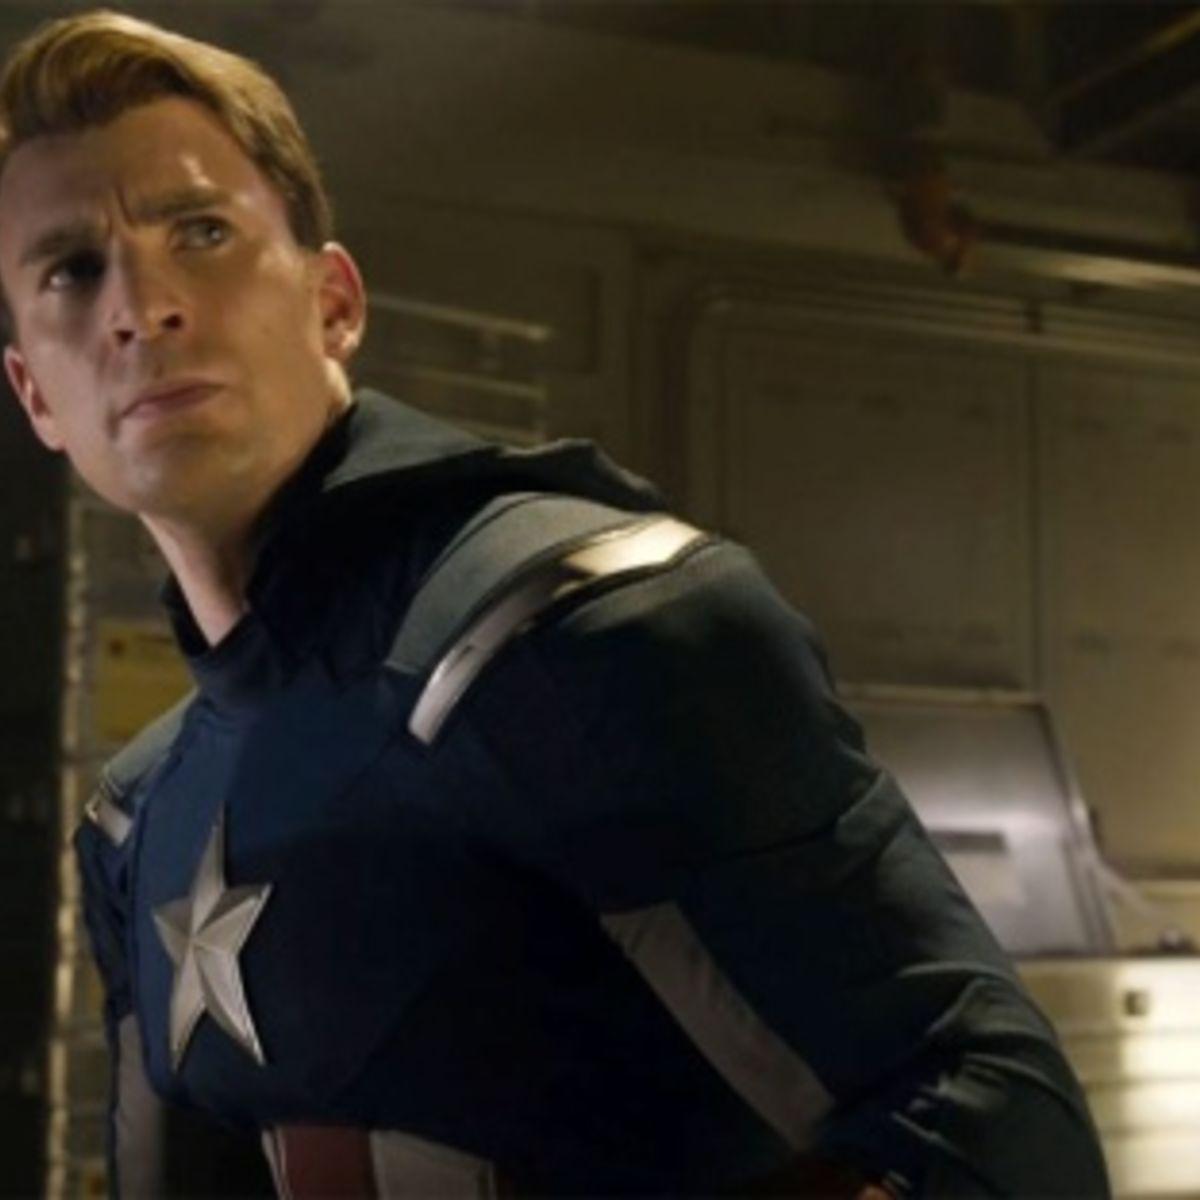 Chris-Evans-The-Avengers-2_1.jpg